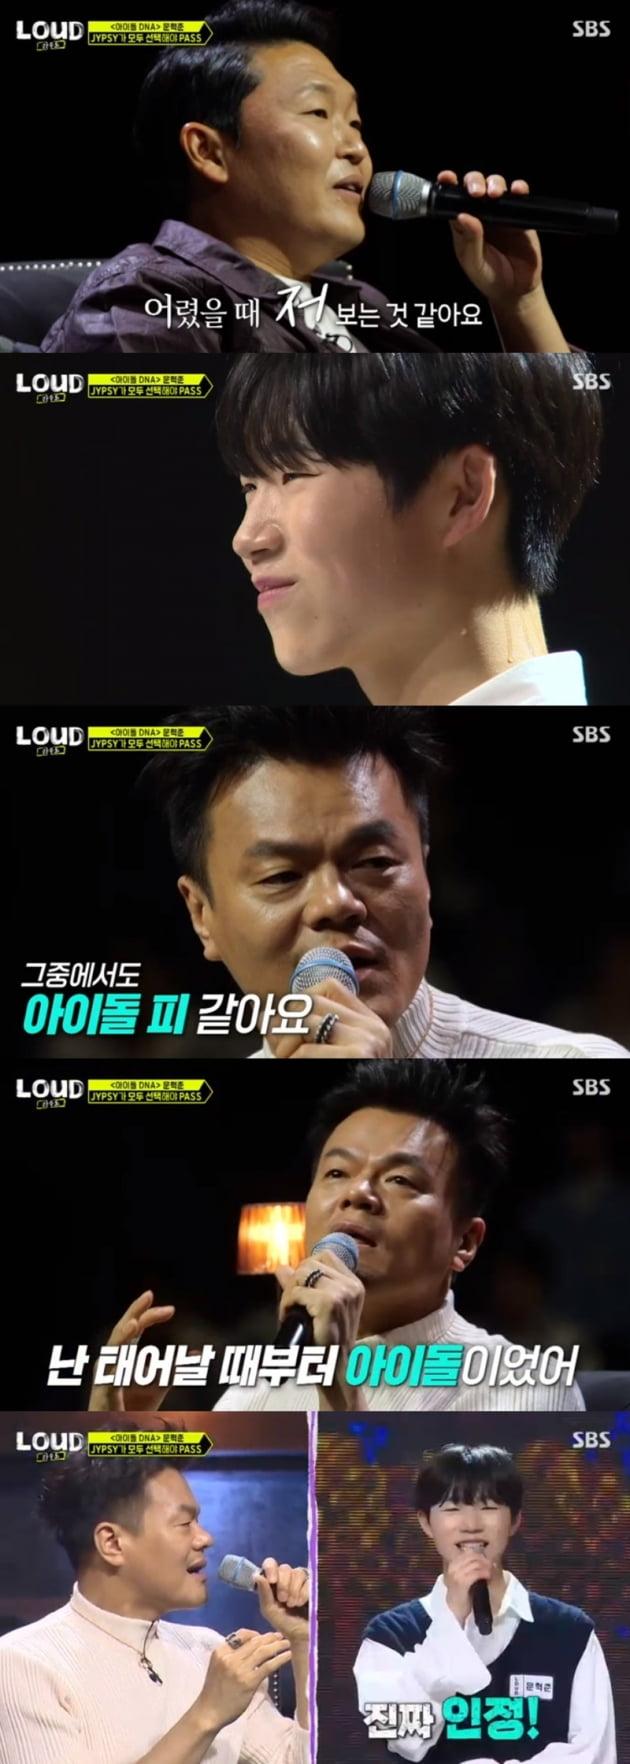 '라우드' / 사진 = SBS 영상 캡처